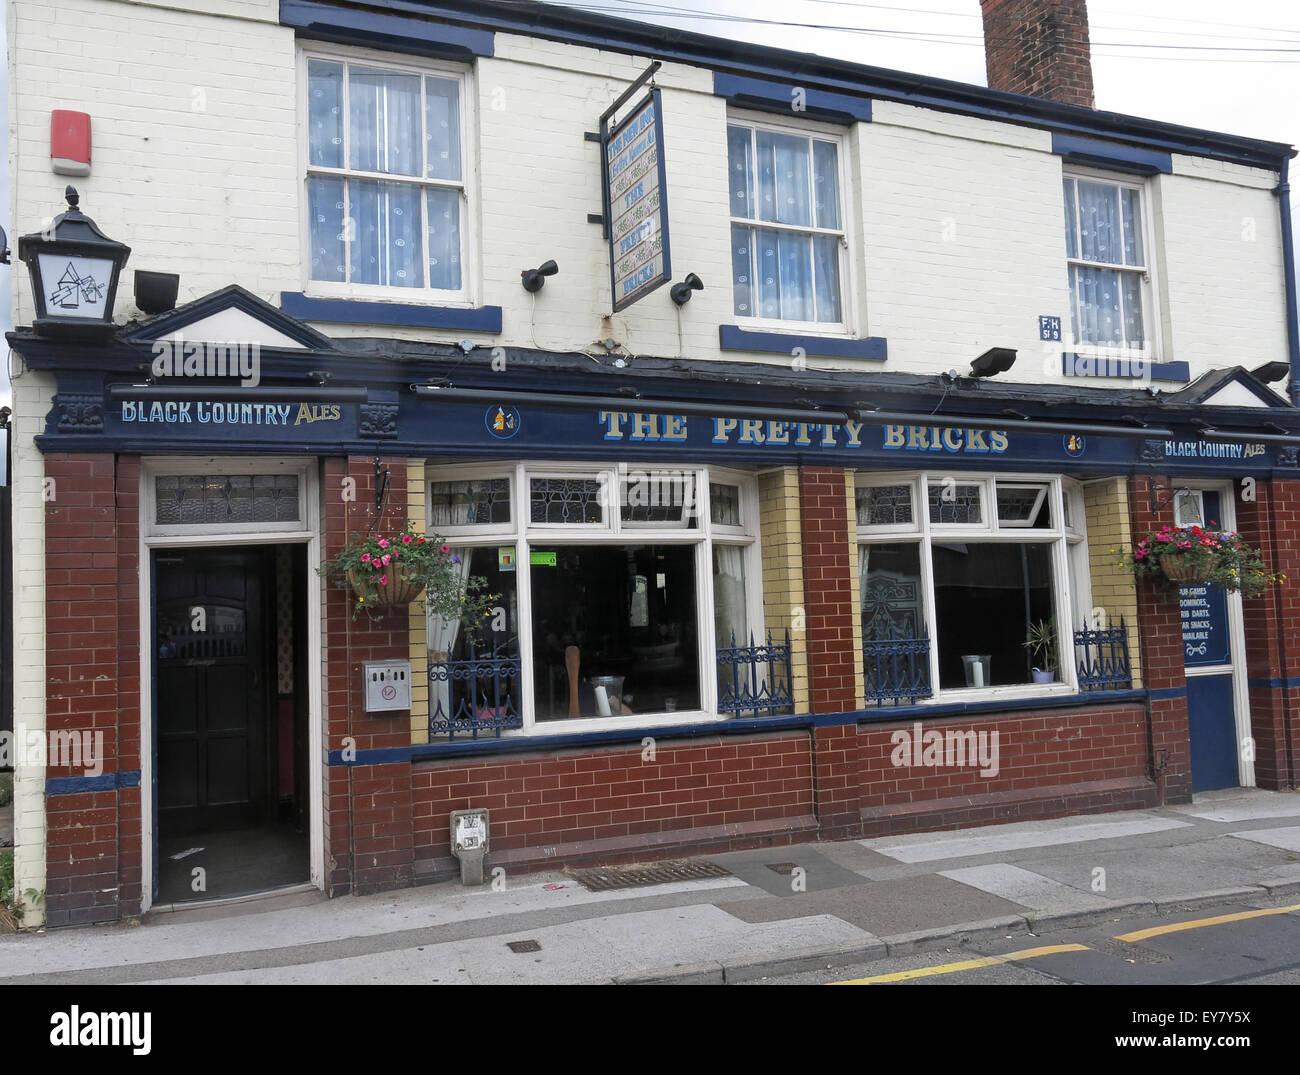 Laden Sie dieses Alamy Stockfoto Der hübsche Ziegel Pub, Walsall, schwarzen Land, West Midlands, England, UK - EY7Y5X